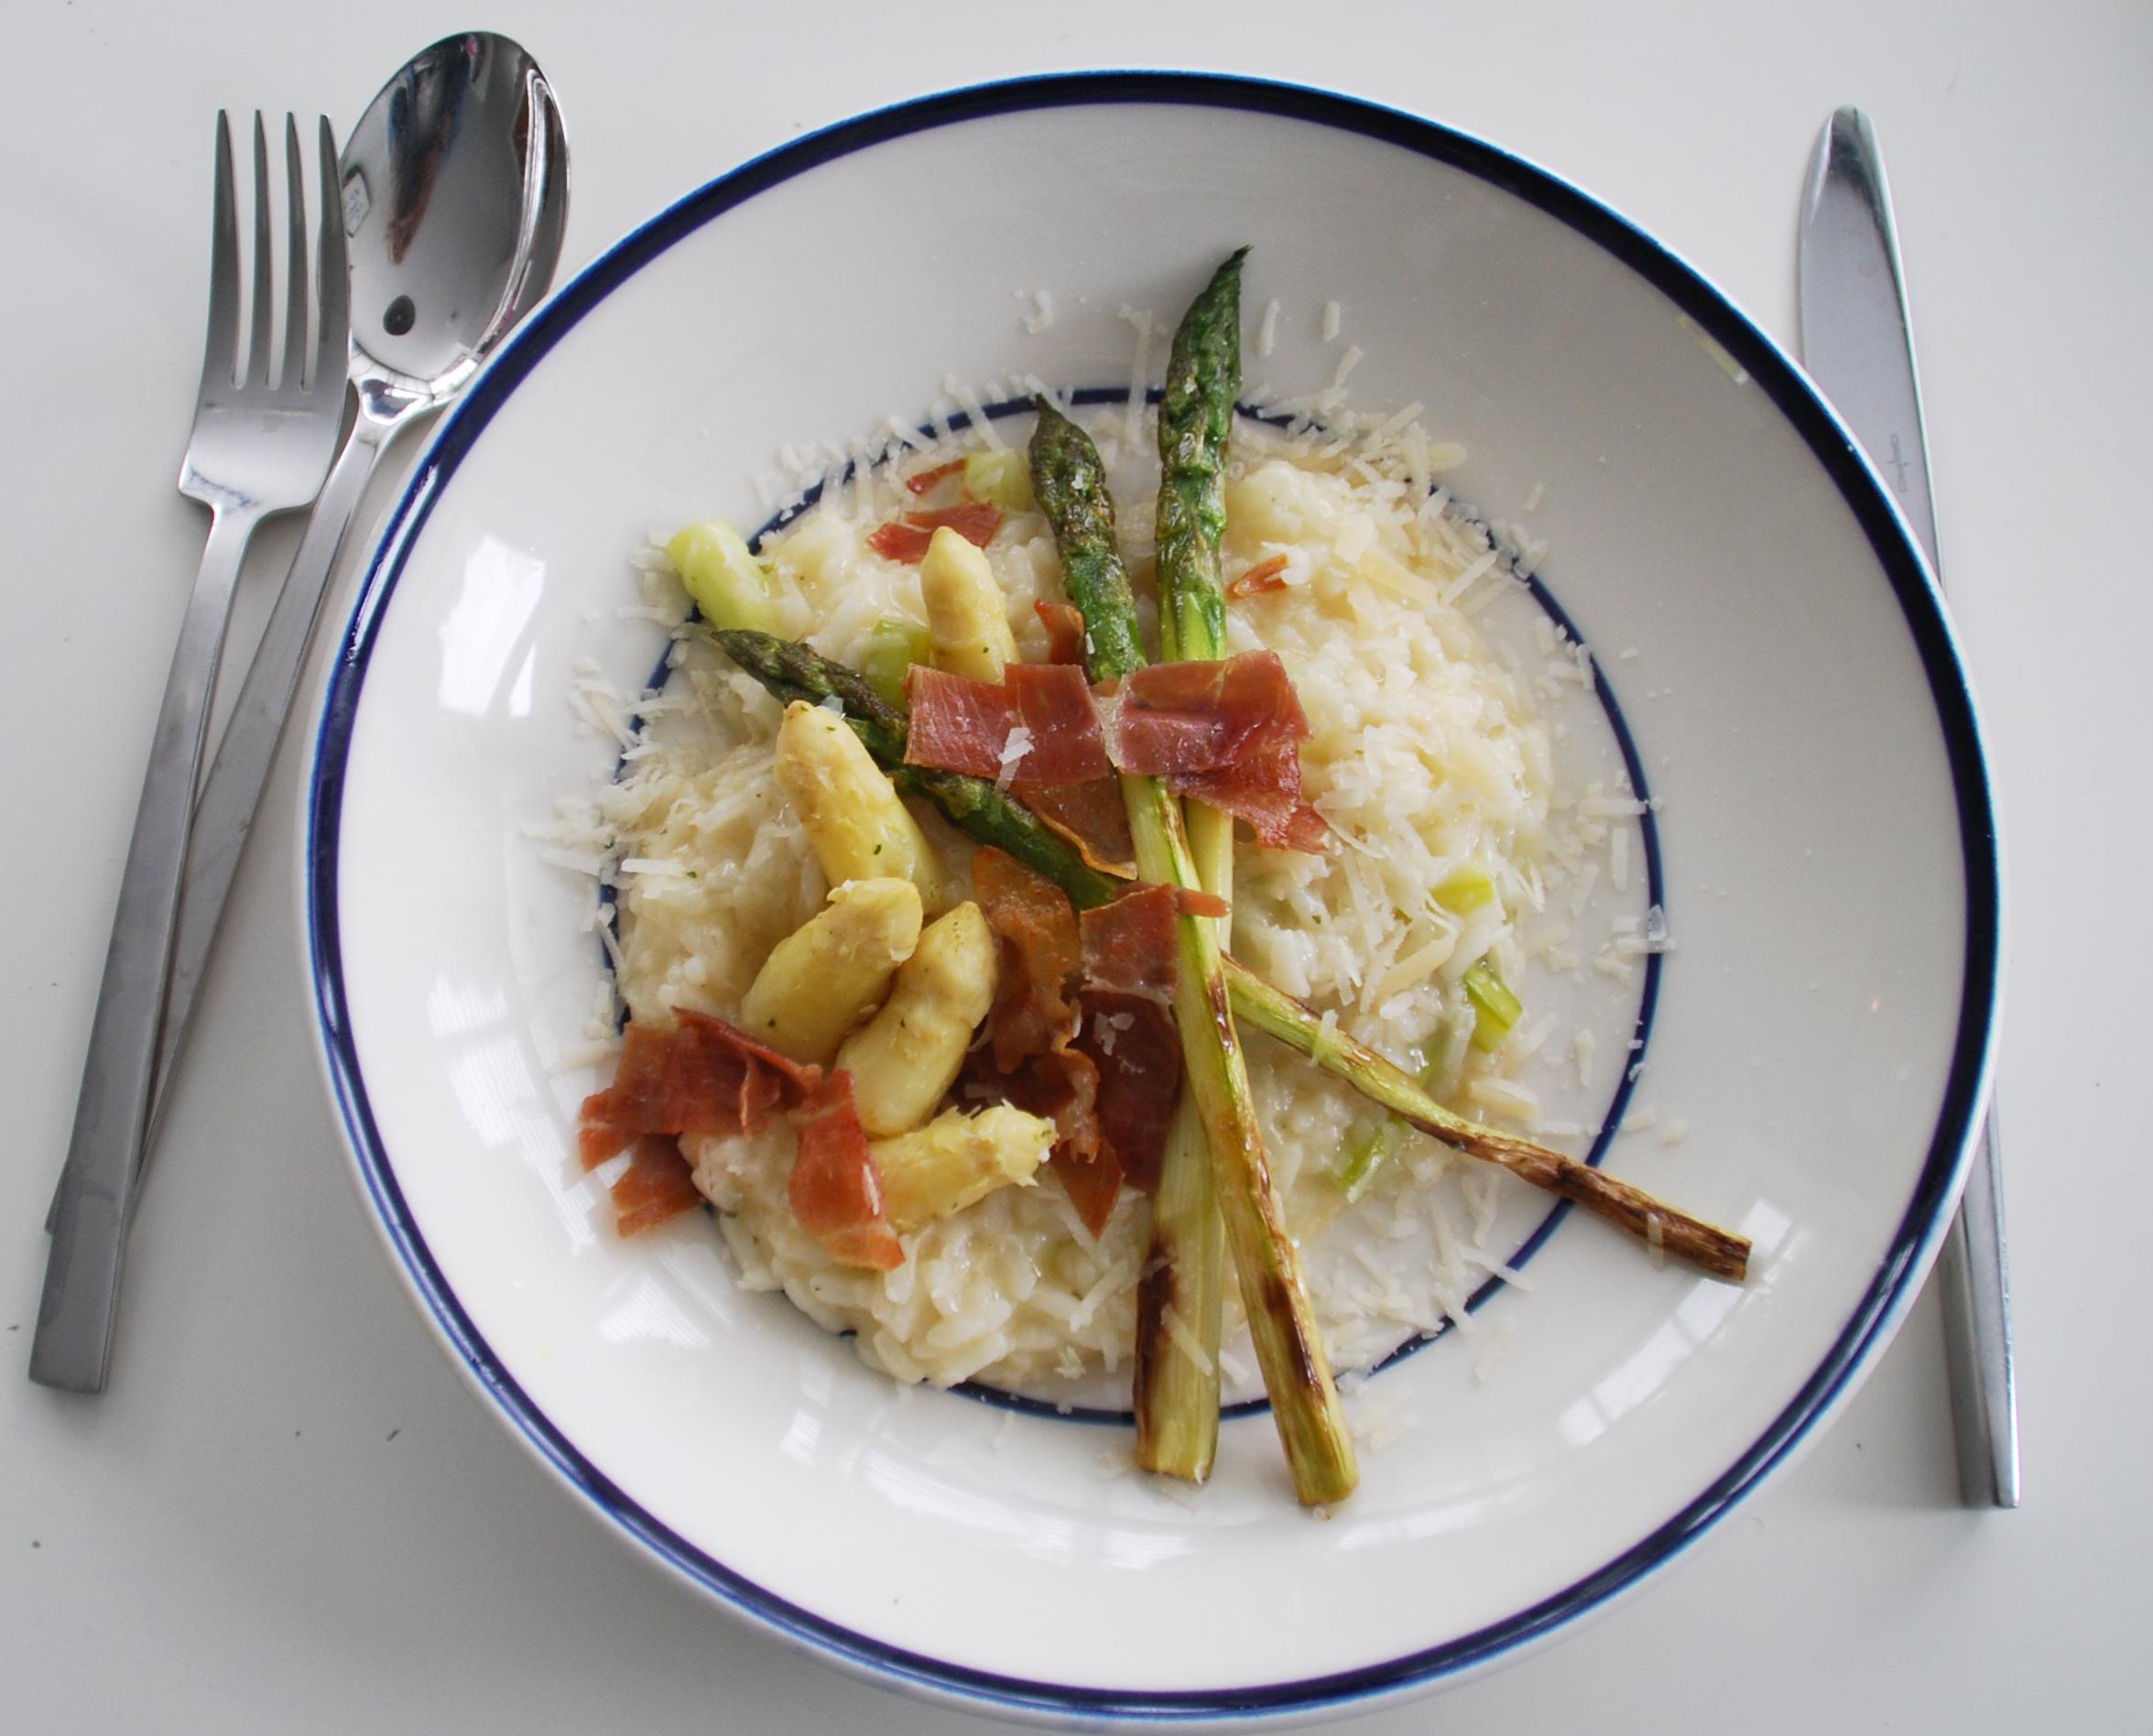 Heerlijke asperges door de risotto!